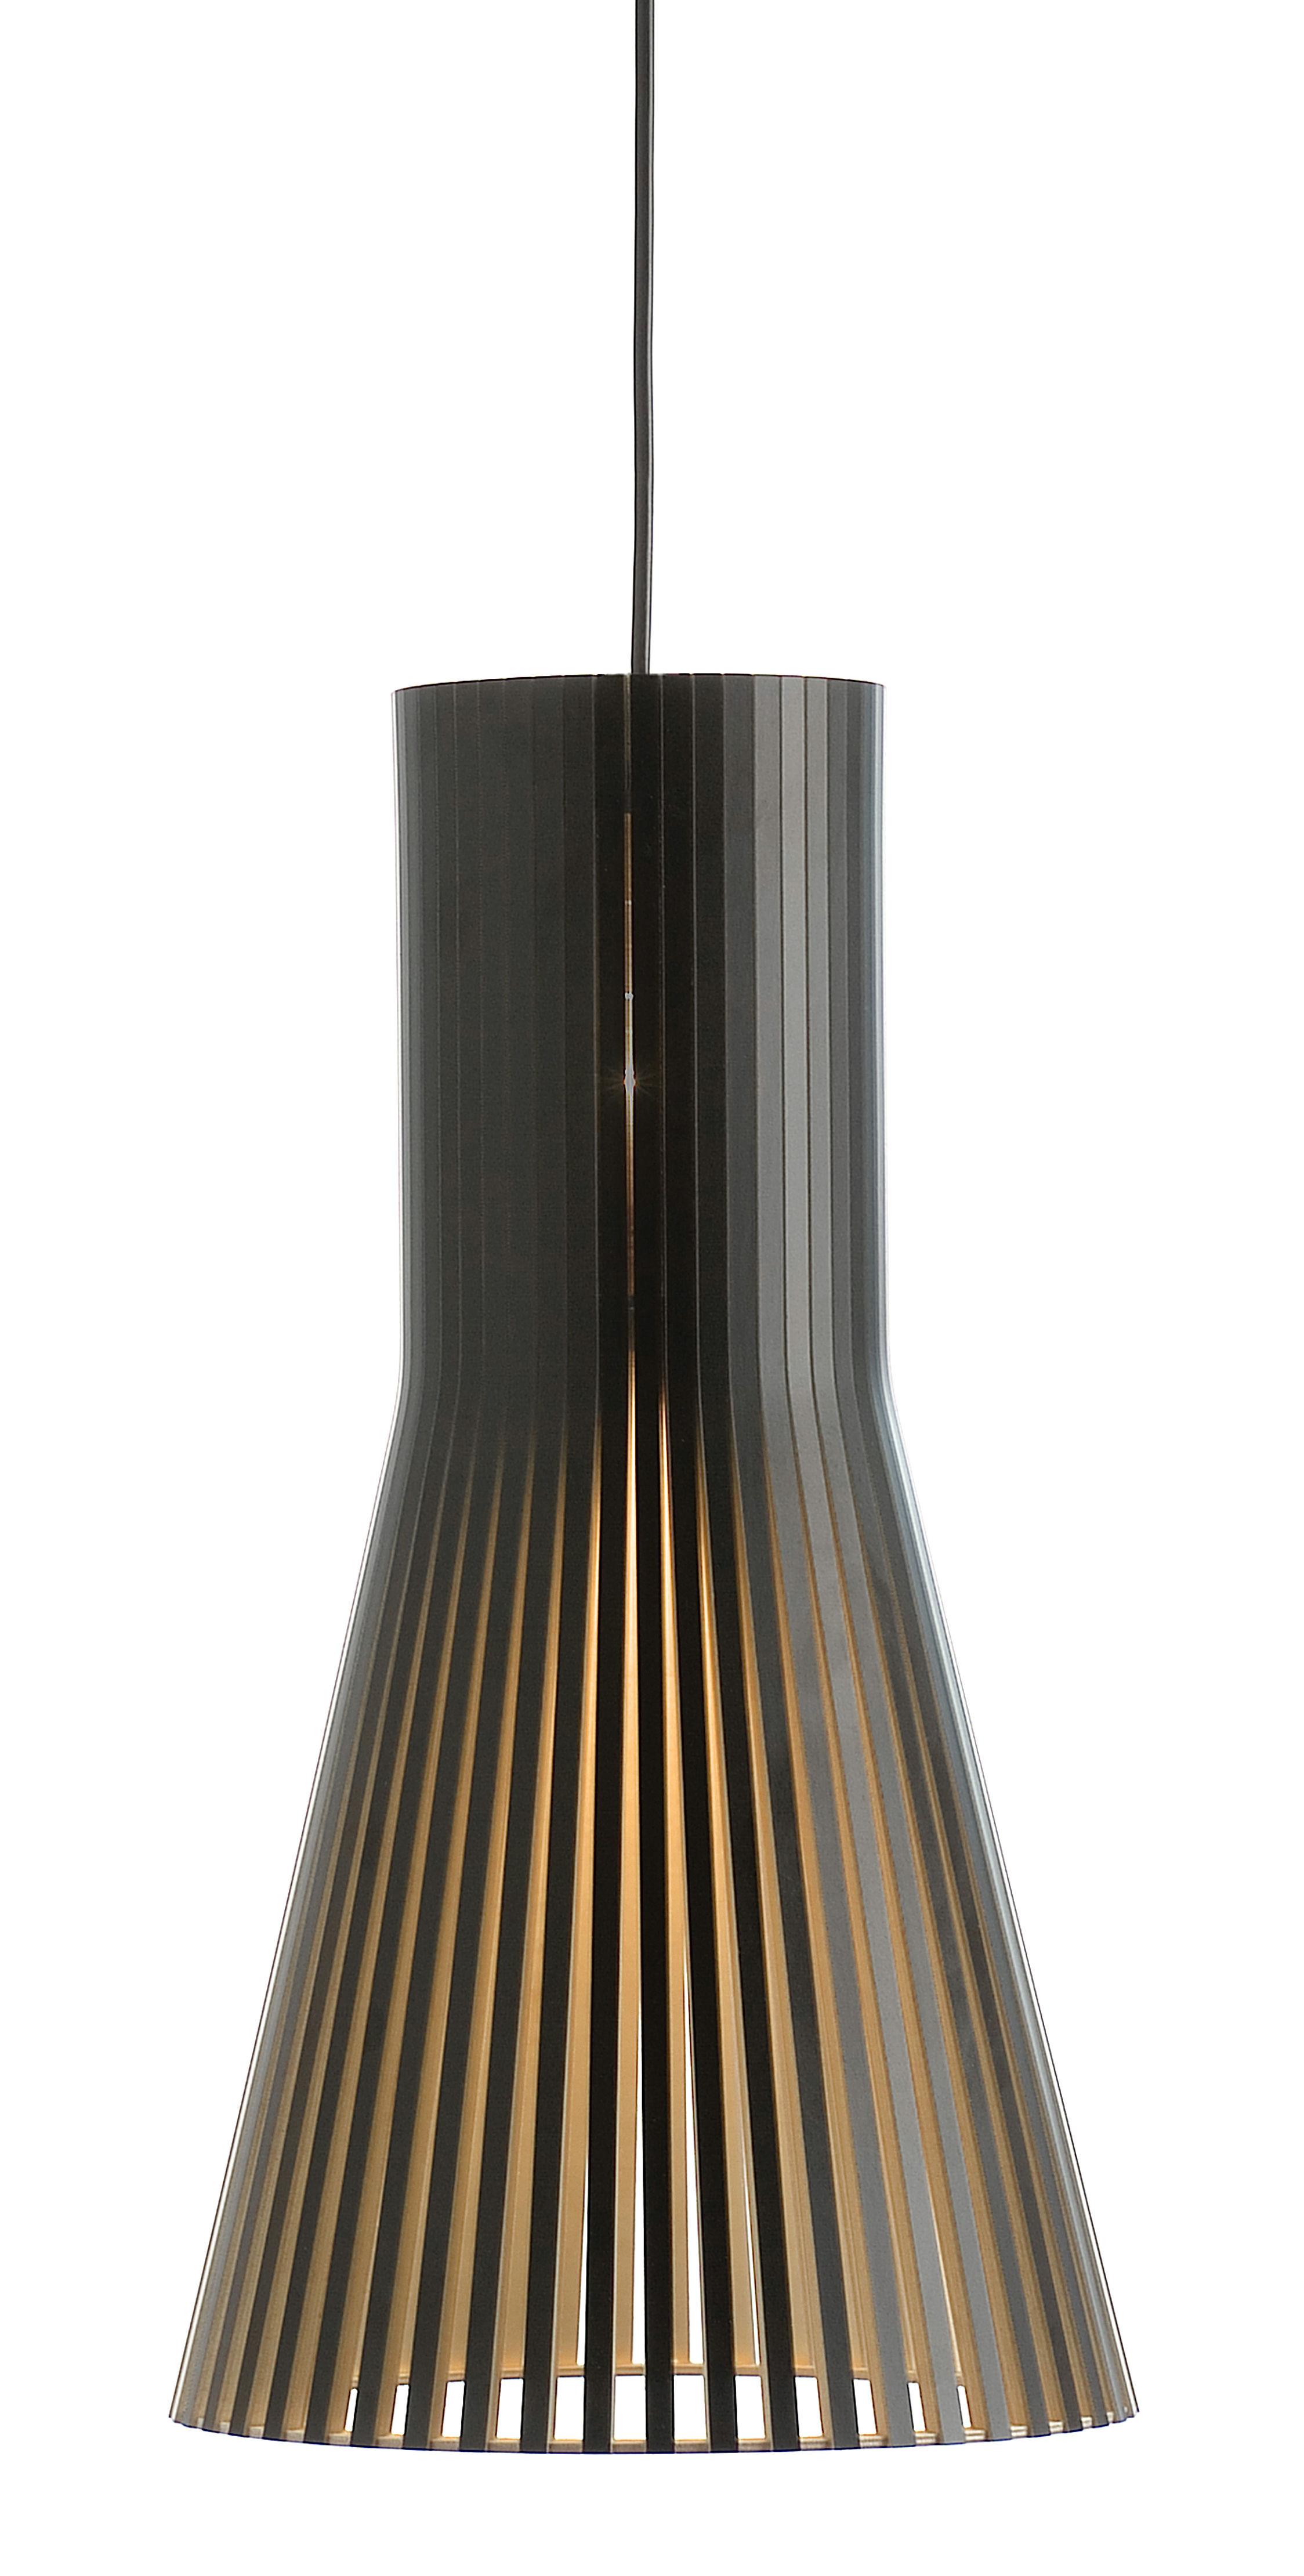 Illuminazione - Lampadari - Sospensione Secto S - / Ø 25 cm di Secto Design - Nero / Cavo nero - Lattes de laminé de bouleau, Tessuto